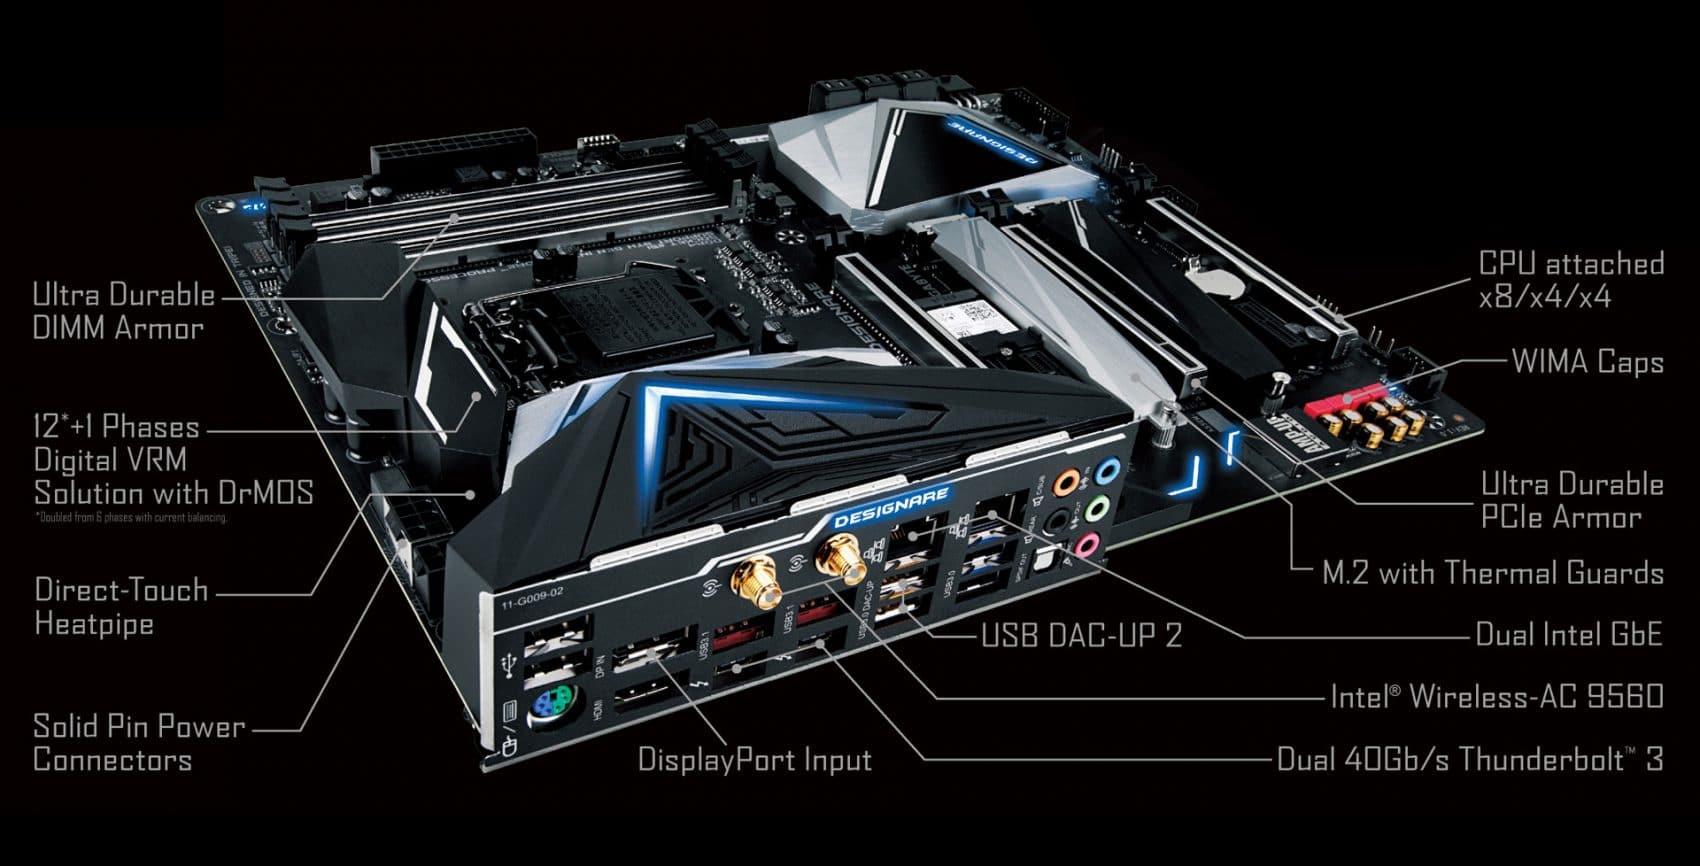 Gigabyte Z390 Designare vue des caracteristiques